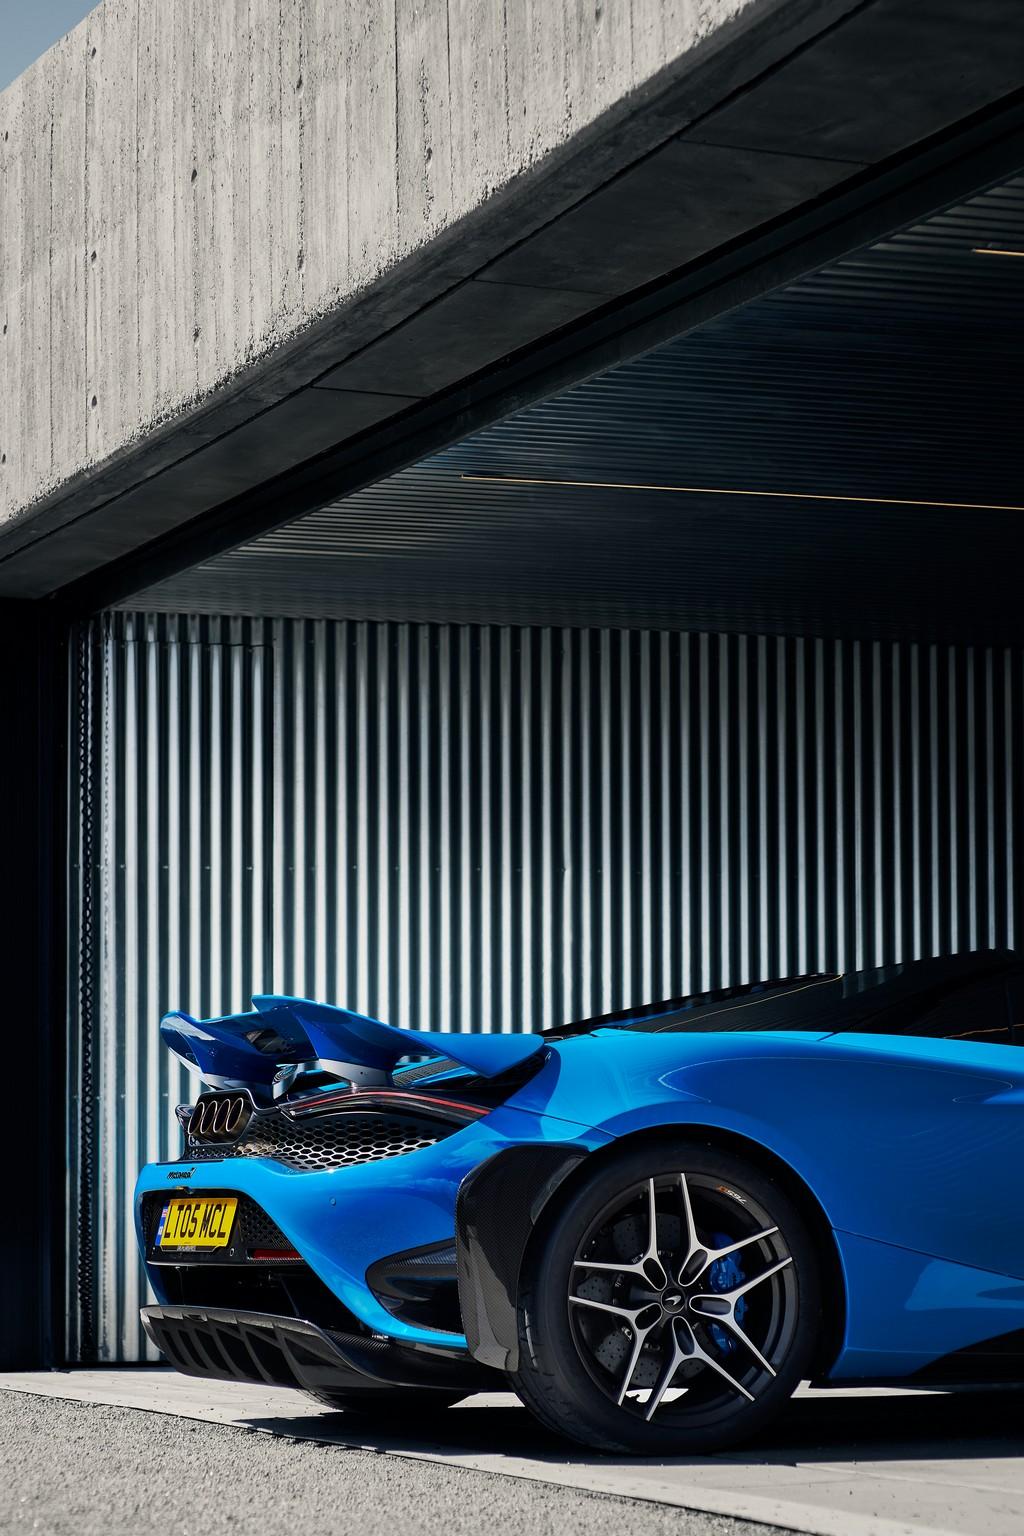 McLaren 765LT Spider half-in garage